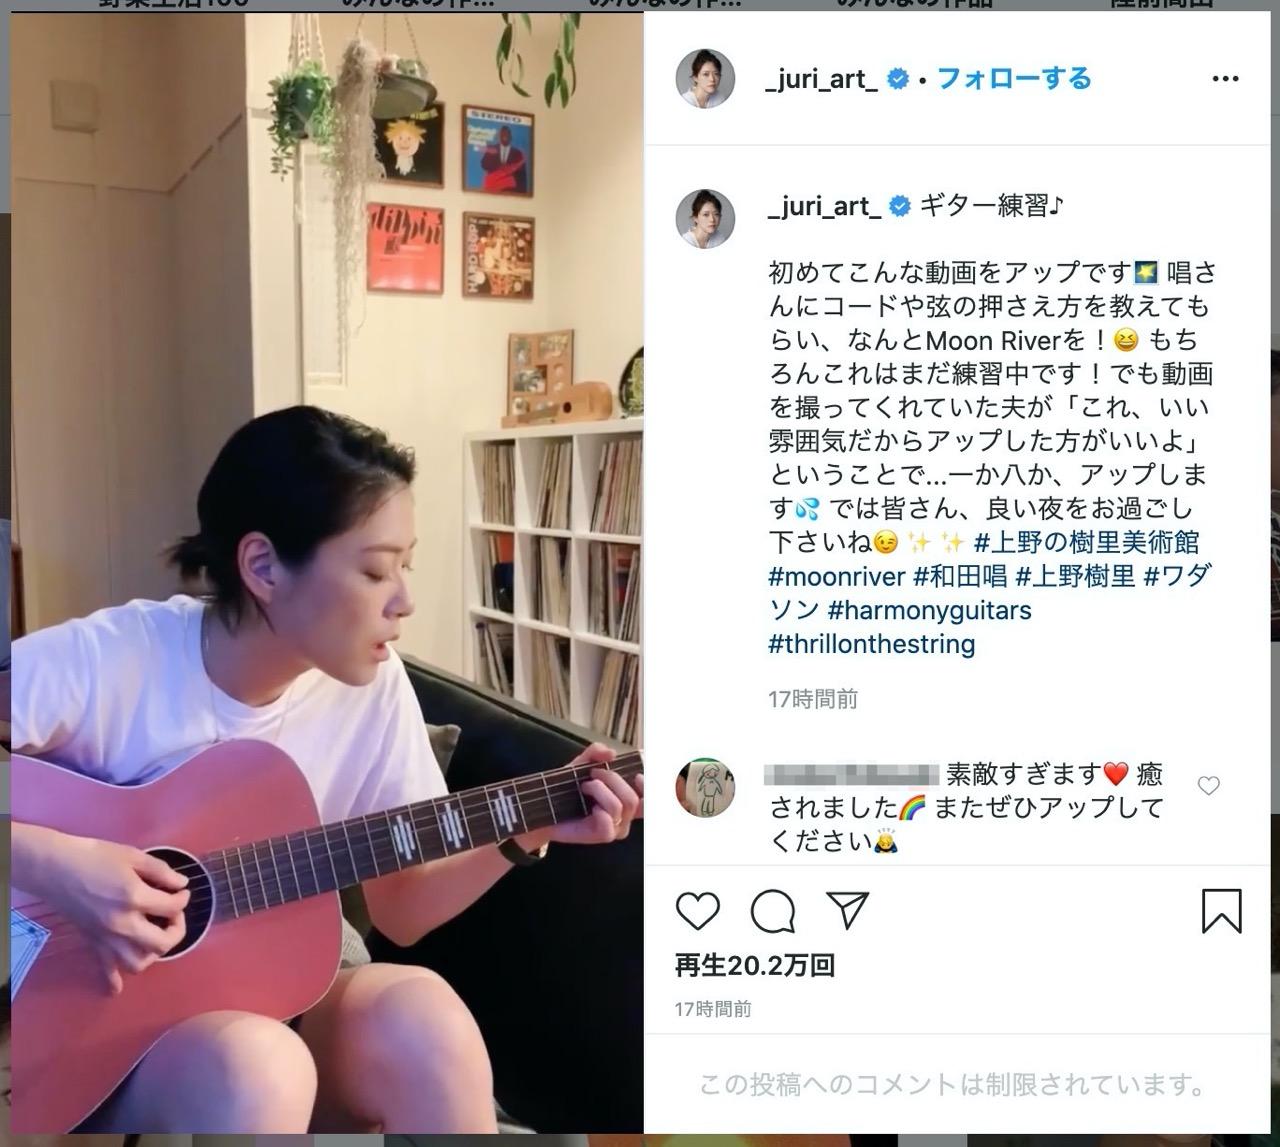 女優・上野樹里「いい雰囲気だから」と夫・和田唱に勧められギター弾き語り動画をInstagramに投稿